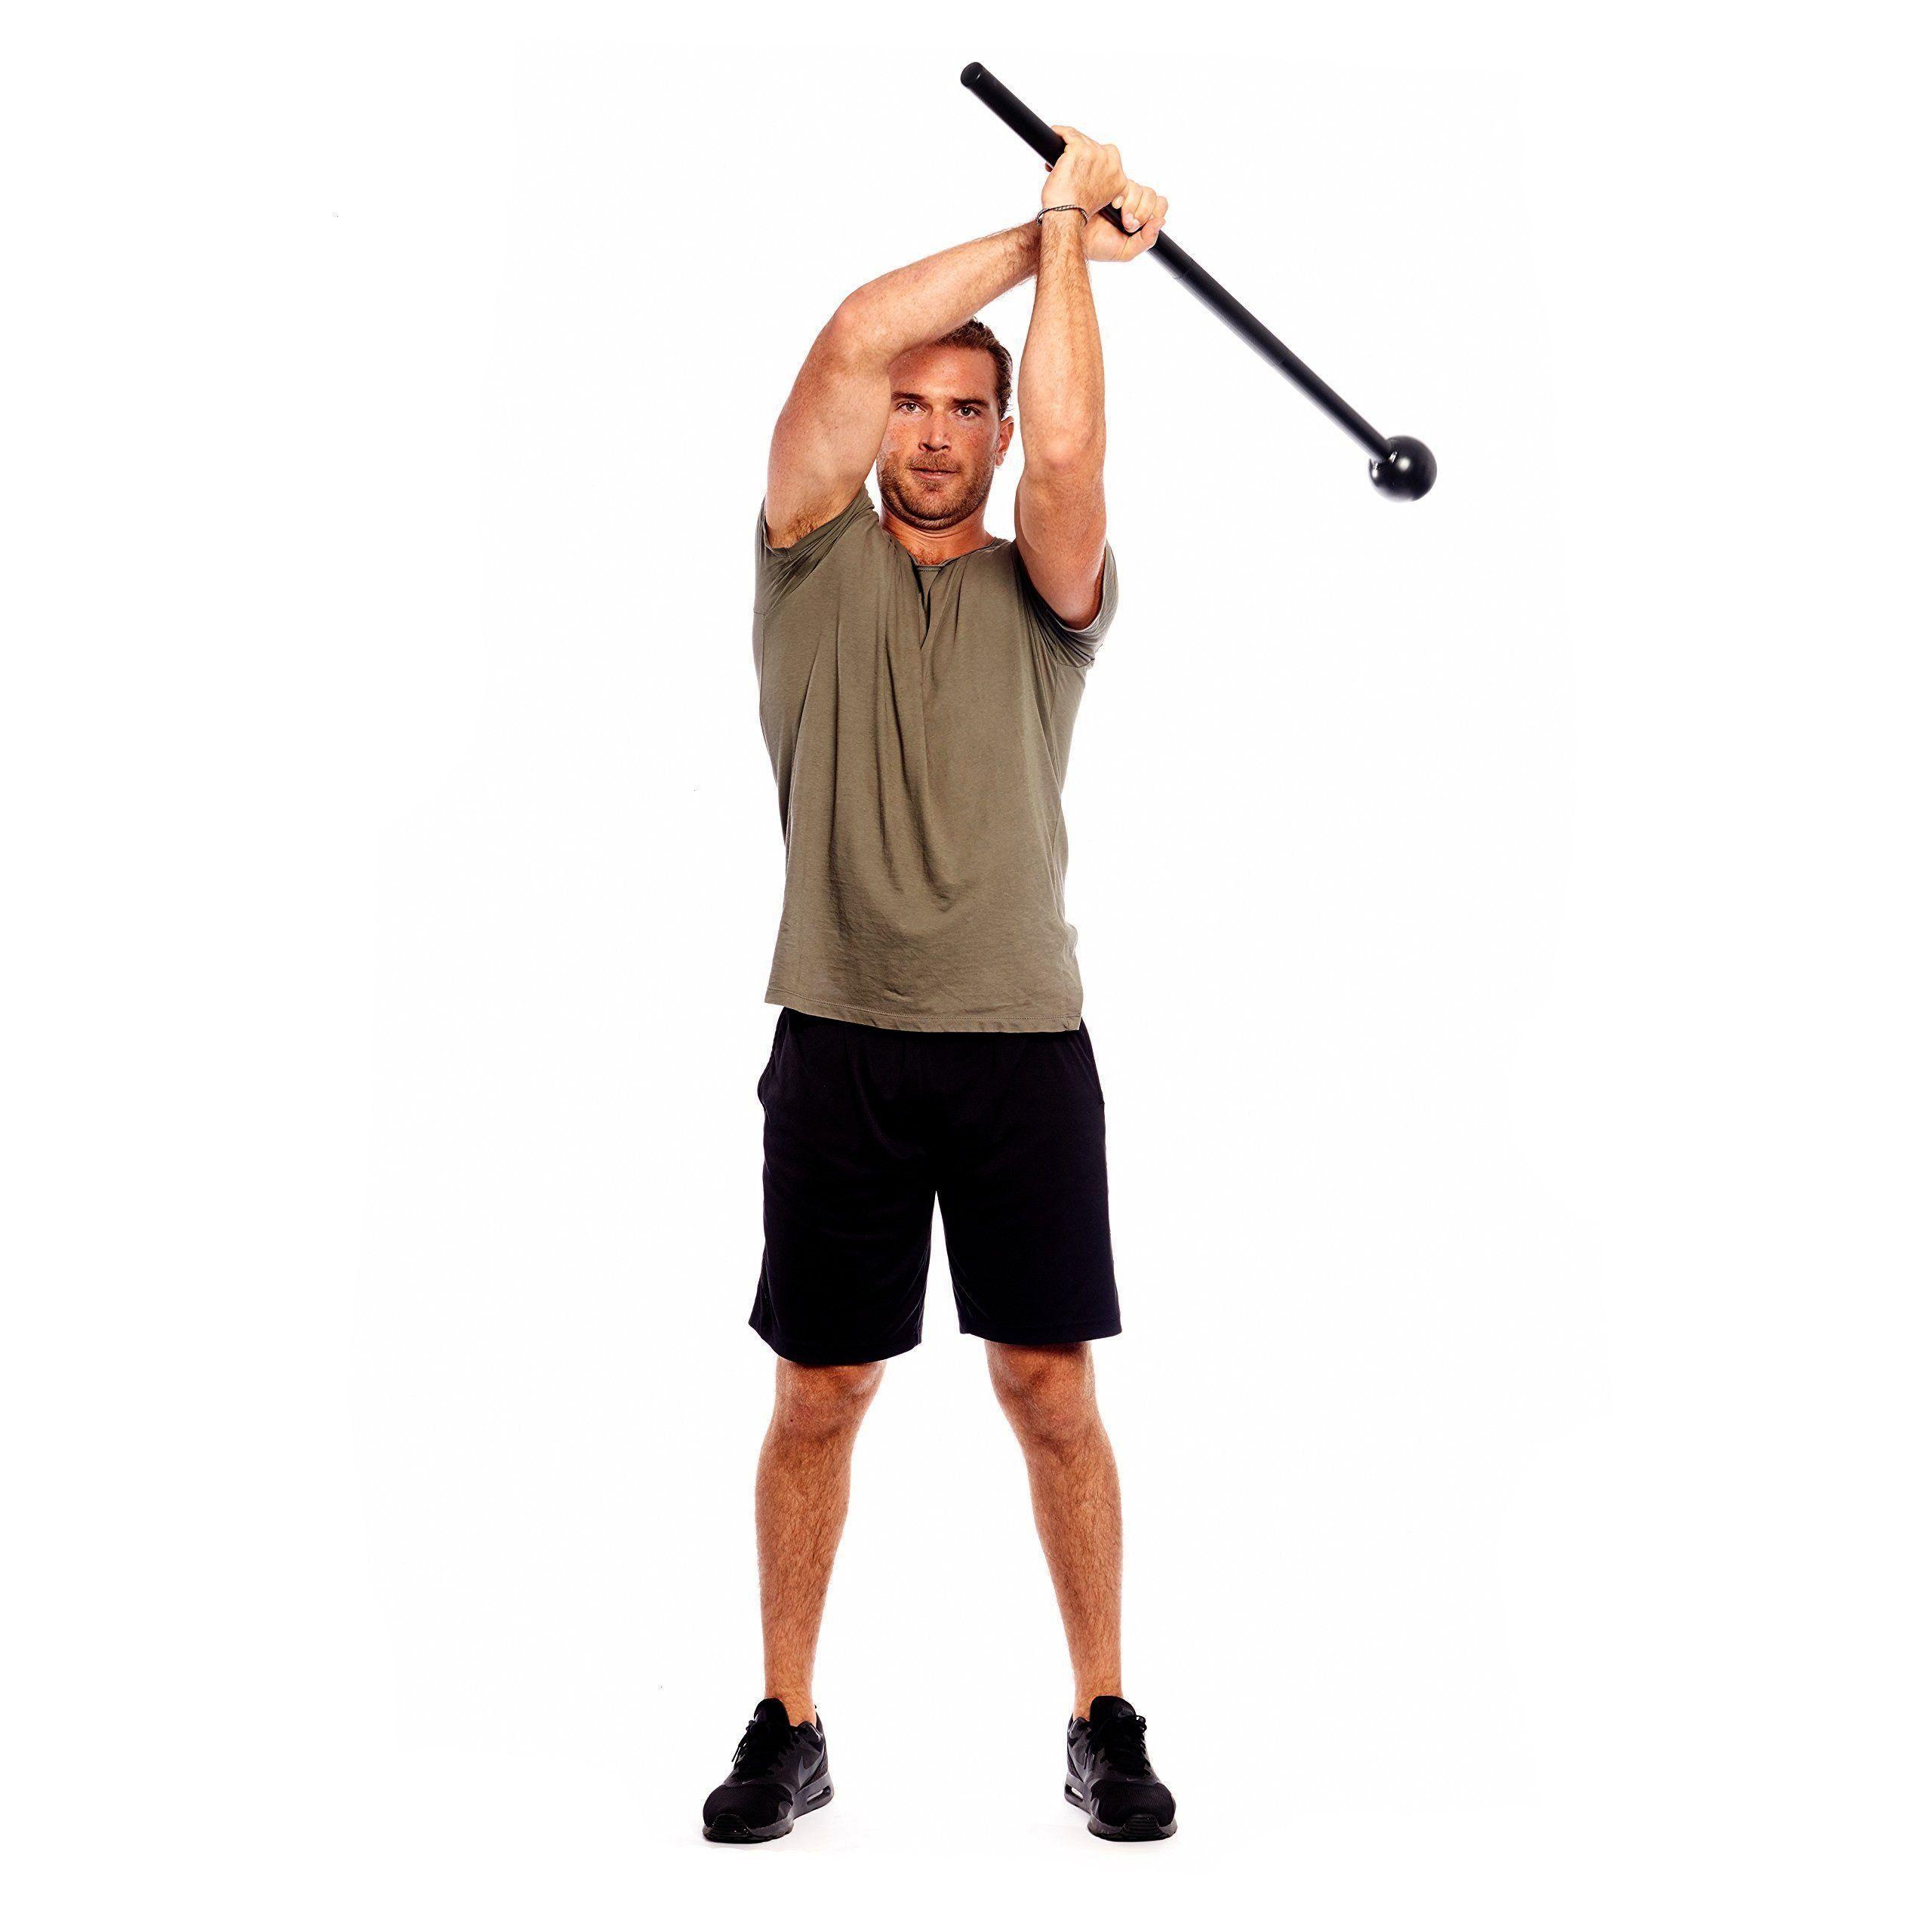 #bodyglitter #fitness #fitnessstudio #Ganzkörpertraining #kettlebell ganzkörpertraining #langhantel...